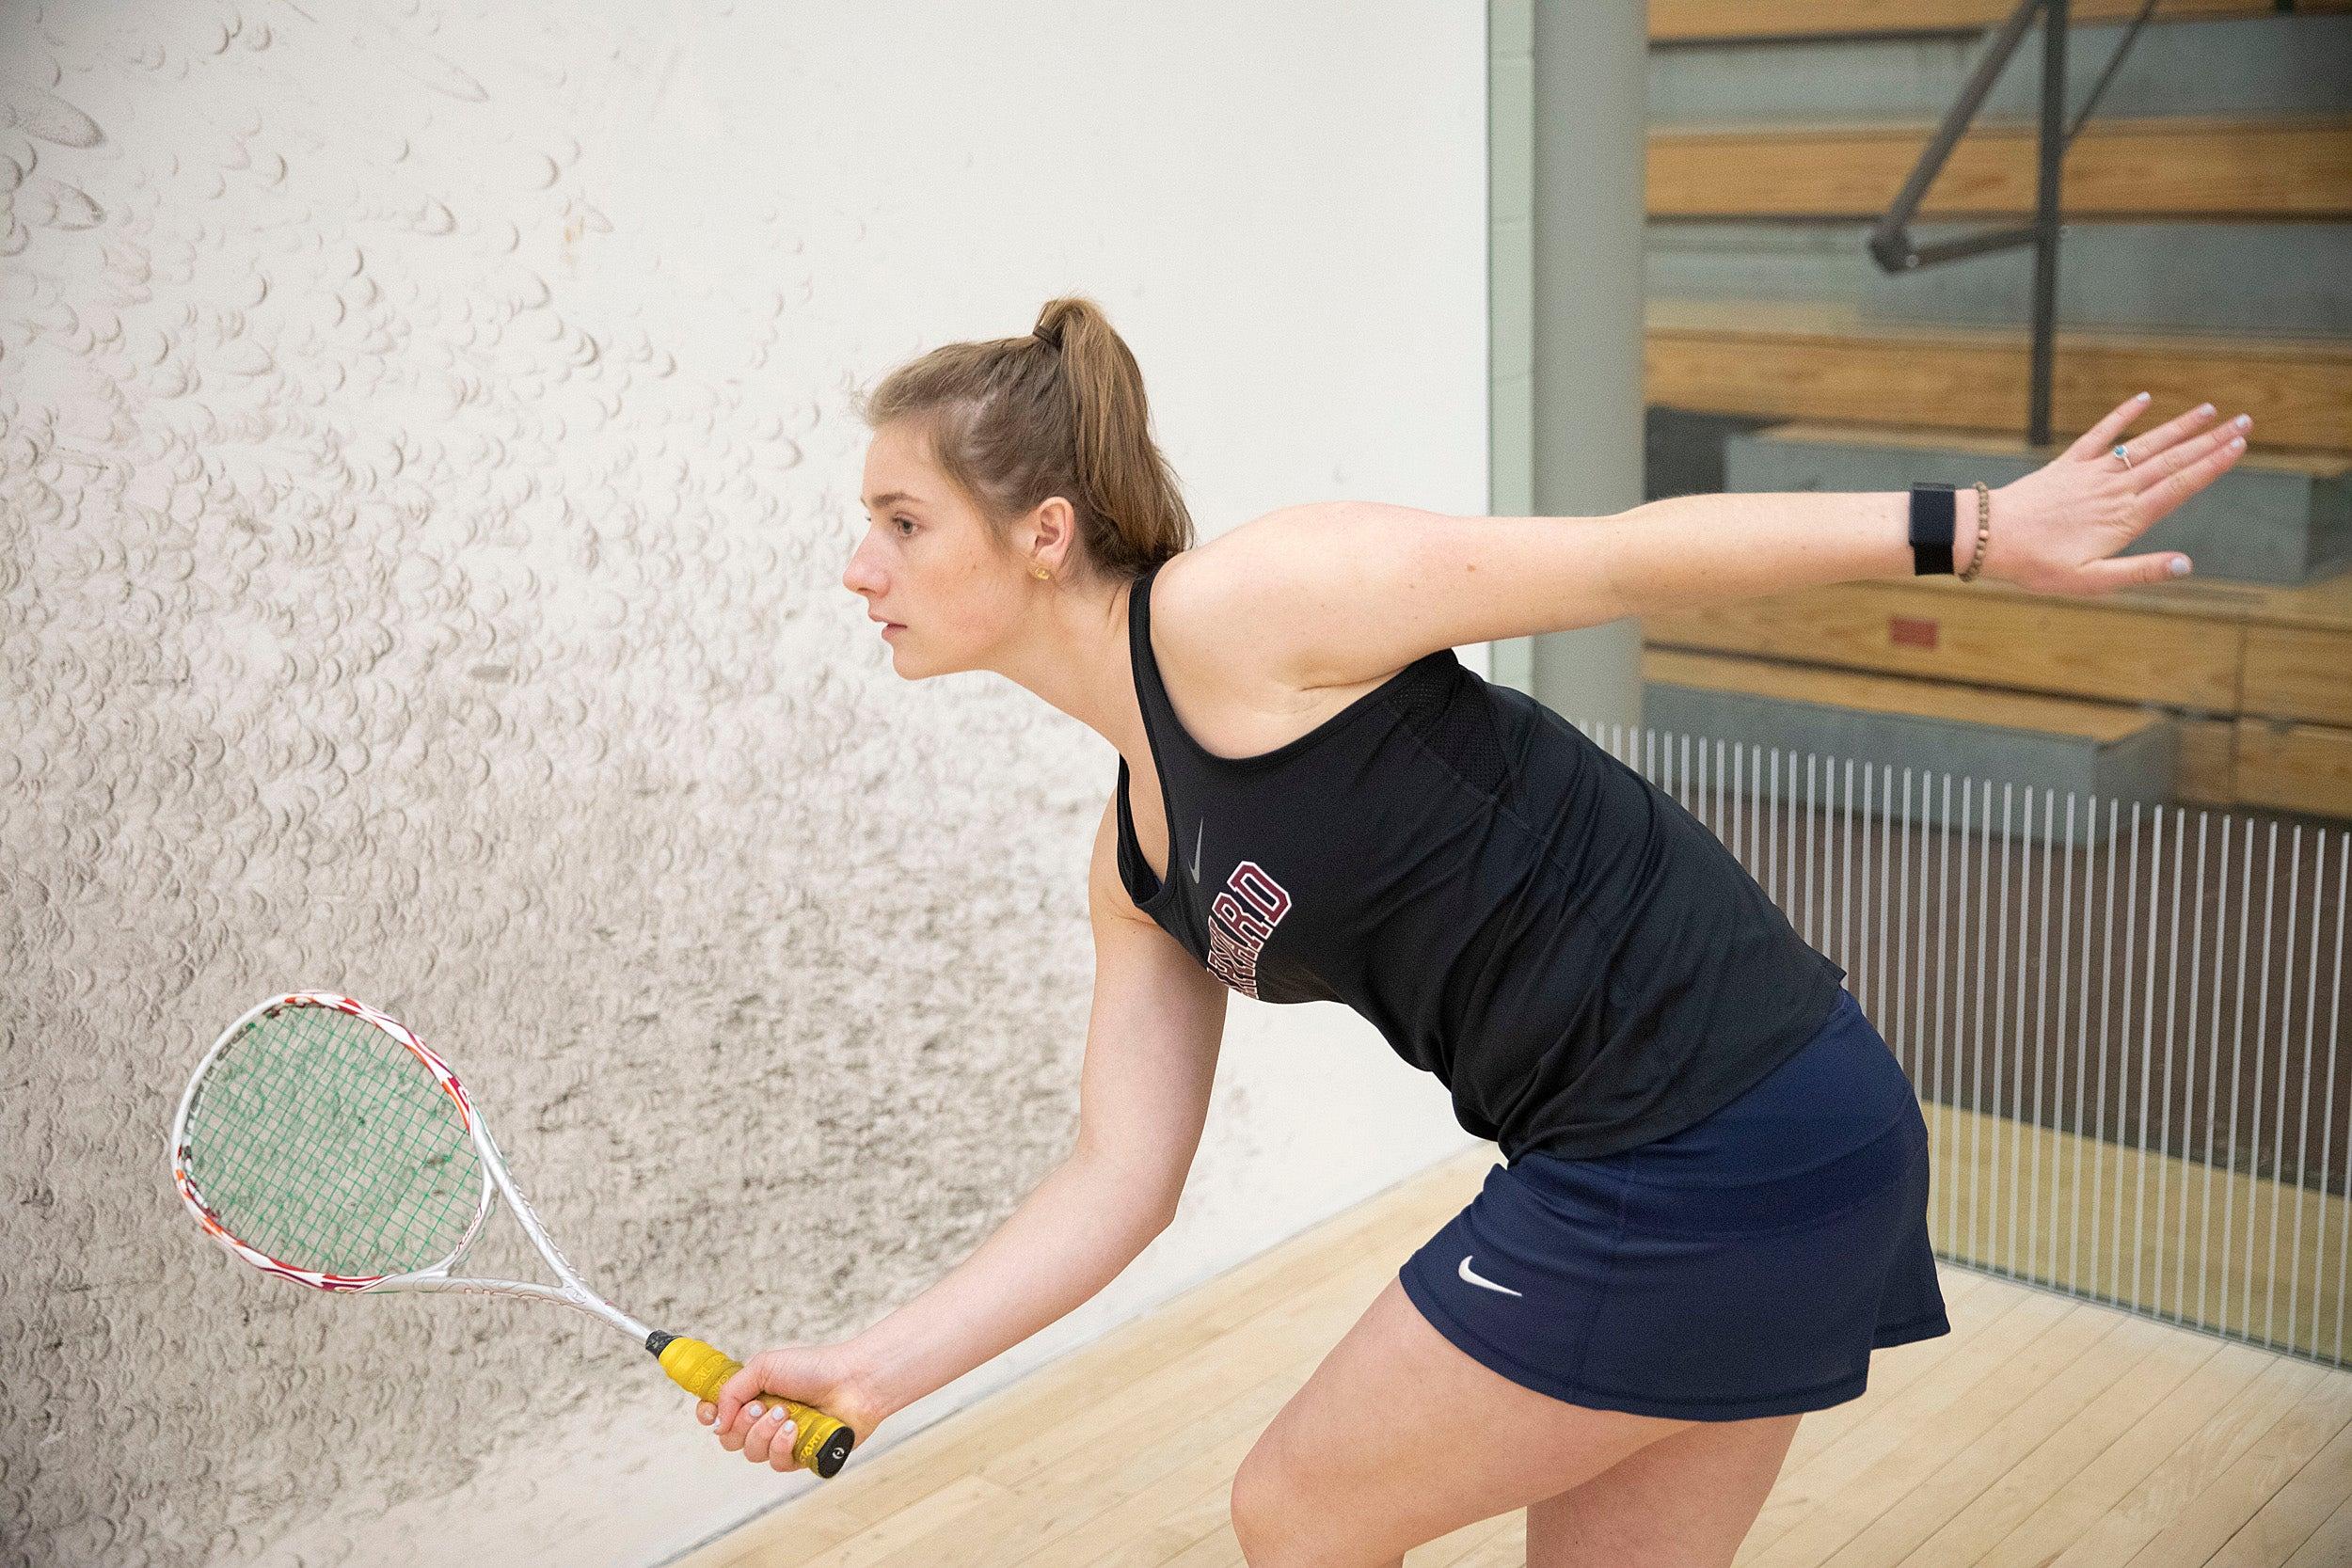 Eleonore Evans at squash practice.